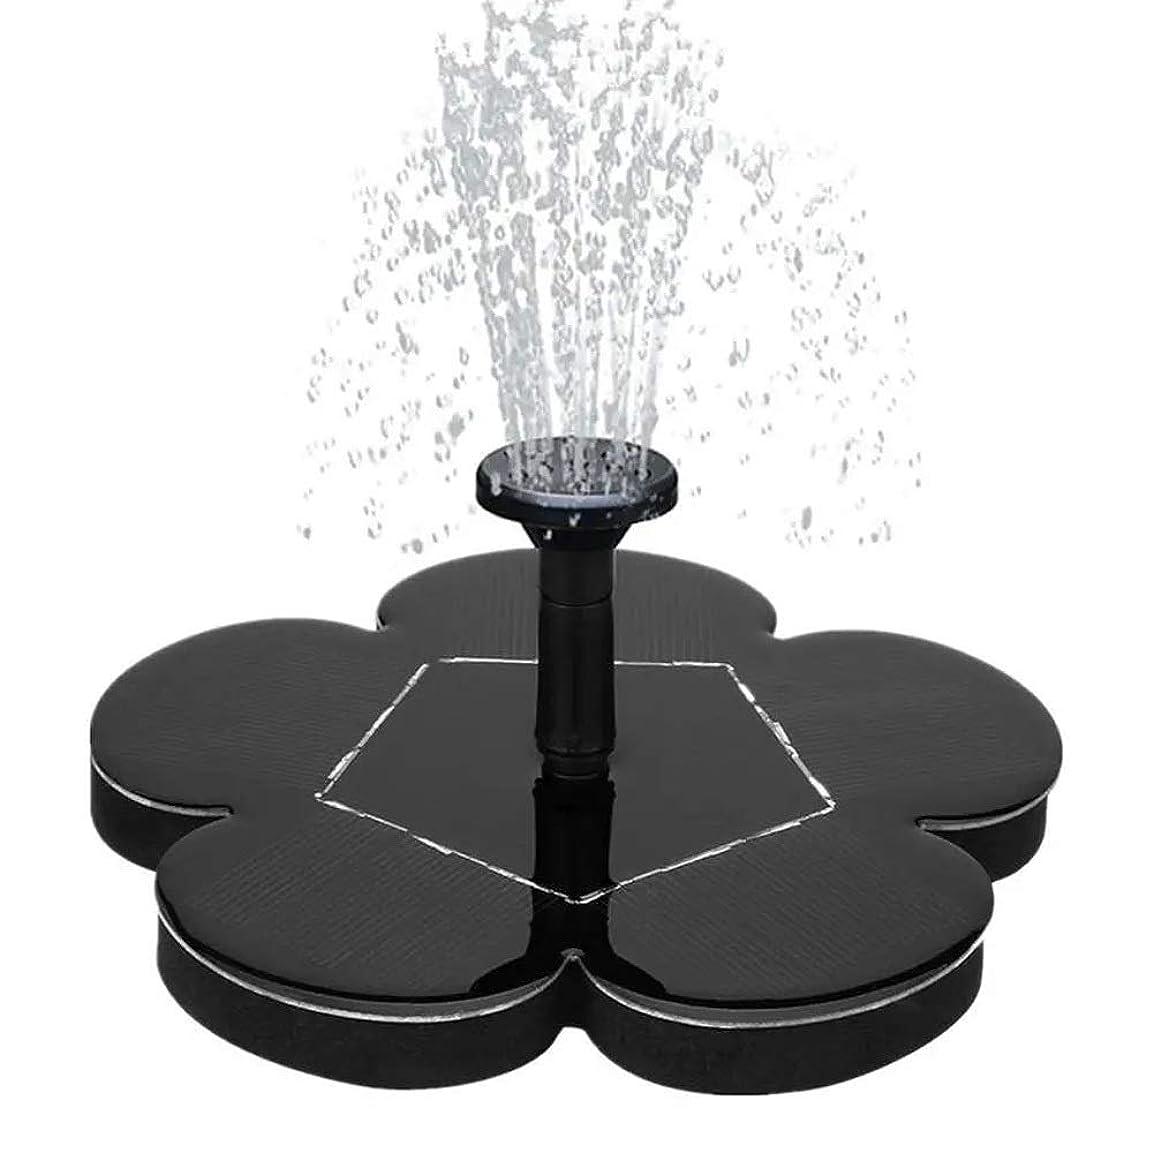 パニック補正護衛ソーラーウォーターポンプ 庭噴水池 1.5W 7.5V屋外水族館池の水まきキットの浮動ソーラー噴水ウォーターポンプ ト ソーラーパネル (色 : Black, Size : 30-50 cm)